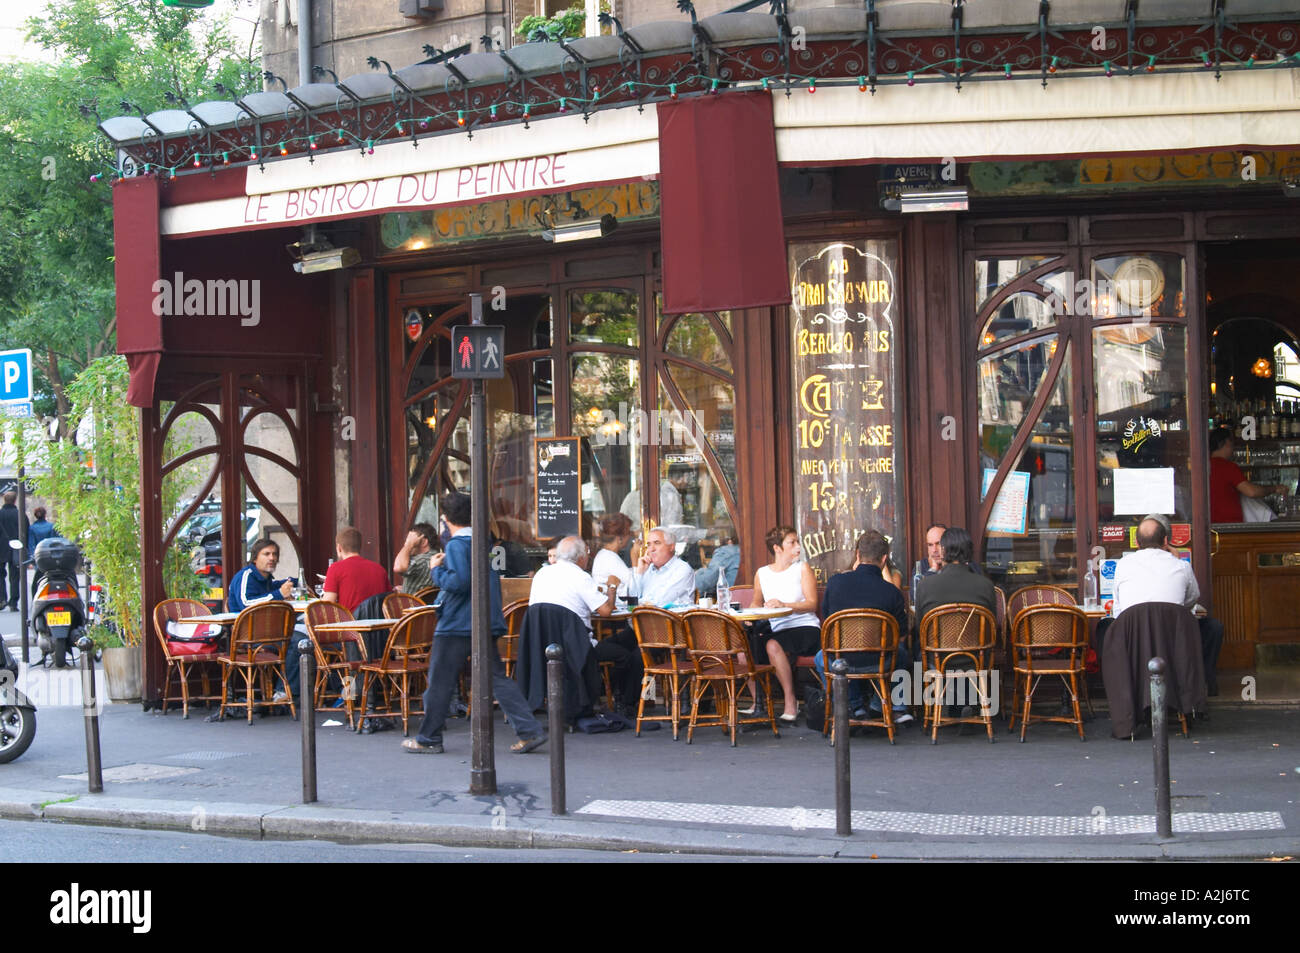 Le Bistrot Du Peintre Cafe Bar Terrasse Terasse Outside